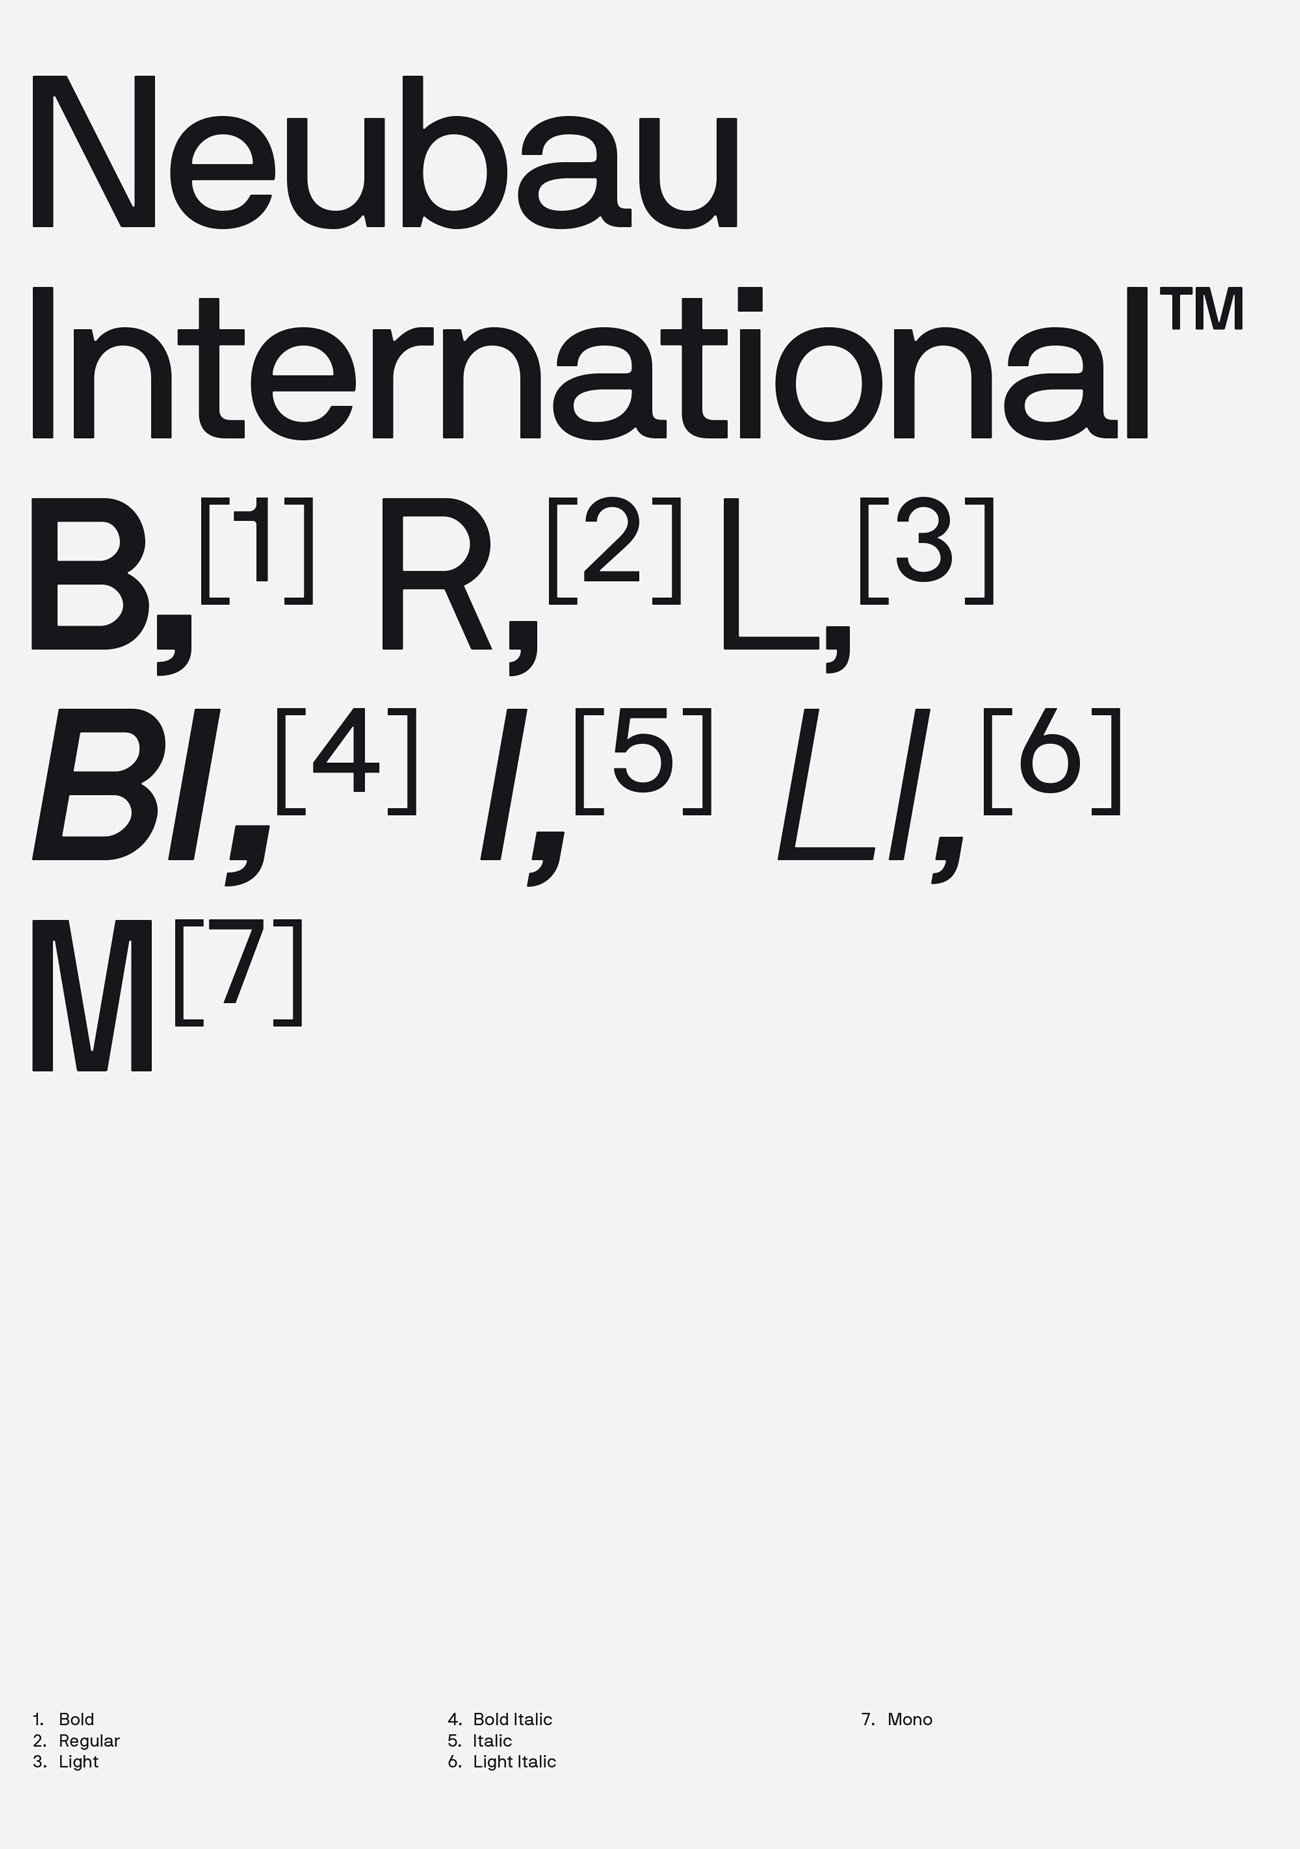 NBI_Specimen_Print_Spreads_150424-F